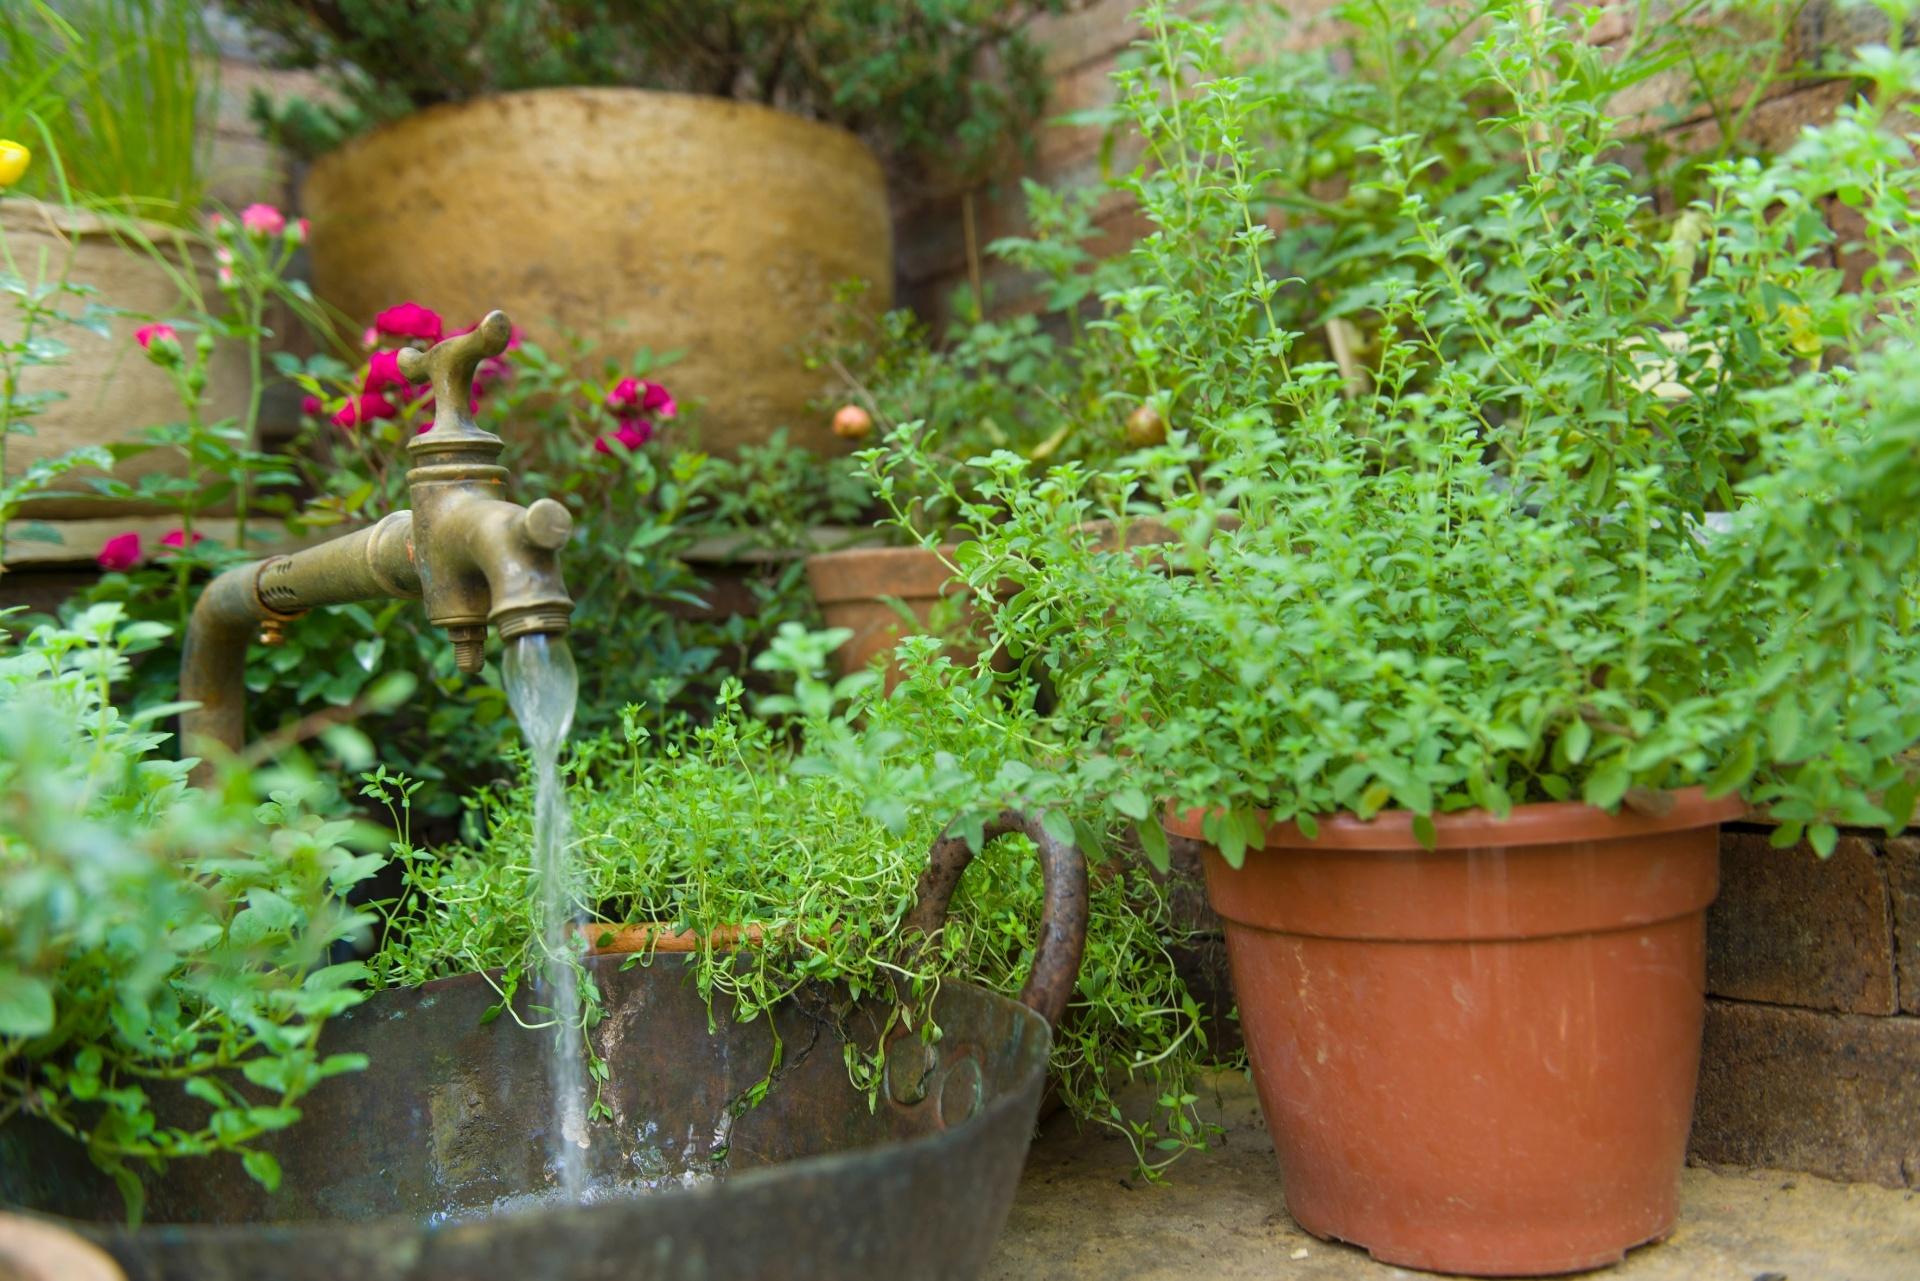 Charme e frescor da horta de temperos ou do cantinho verde - No jardim de inverno da Casa de Campo, projetada pelo arquiteto Sig Bergamin, os temperos estão em vasos de diferentes tamanhos (foto) e também ocupam o canteiro